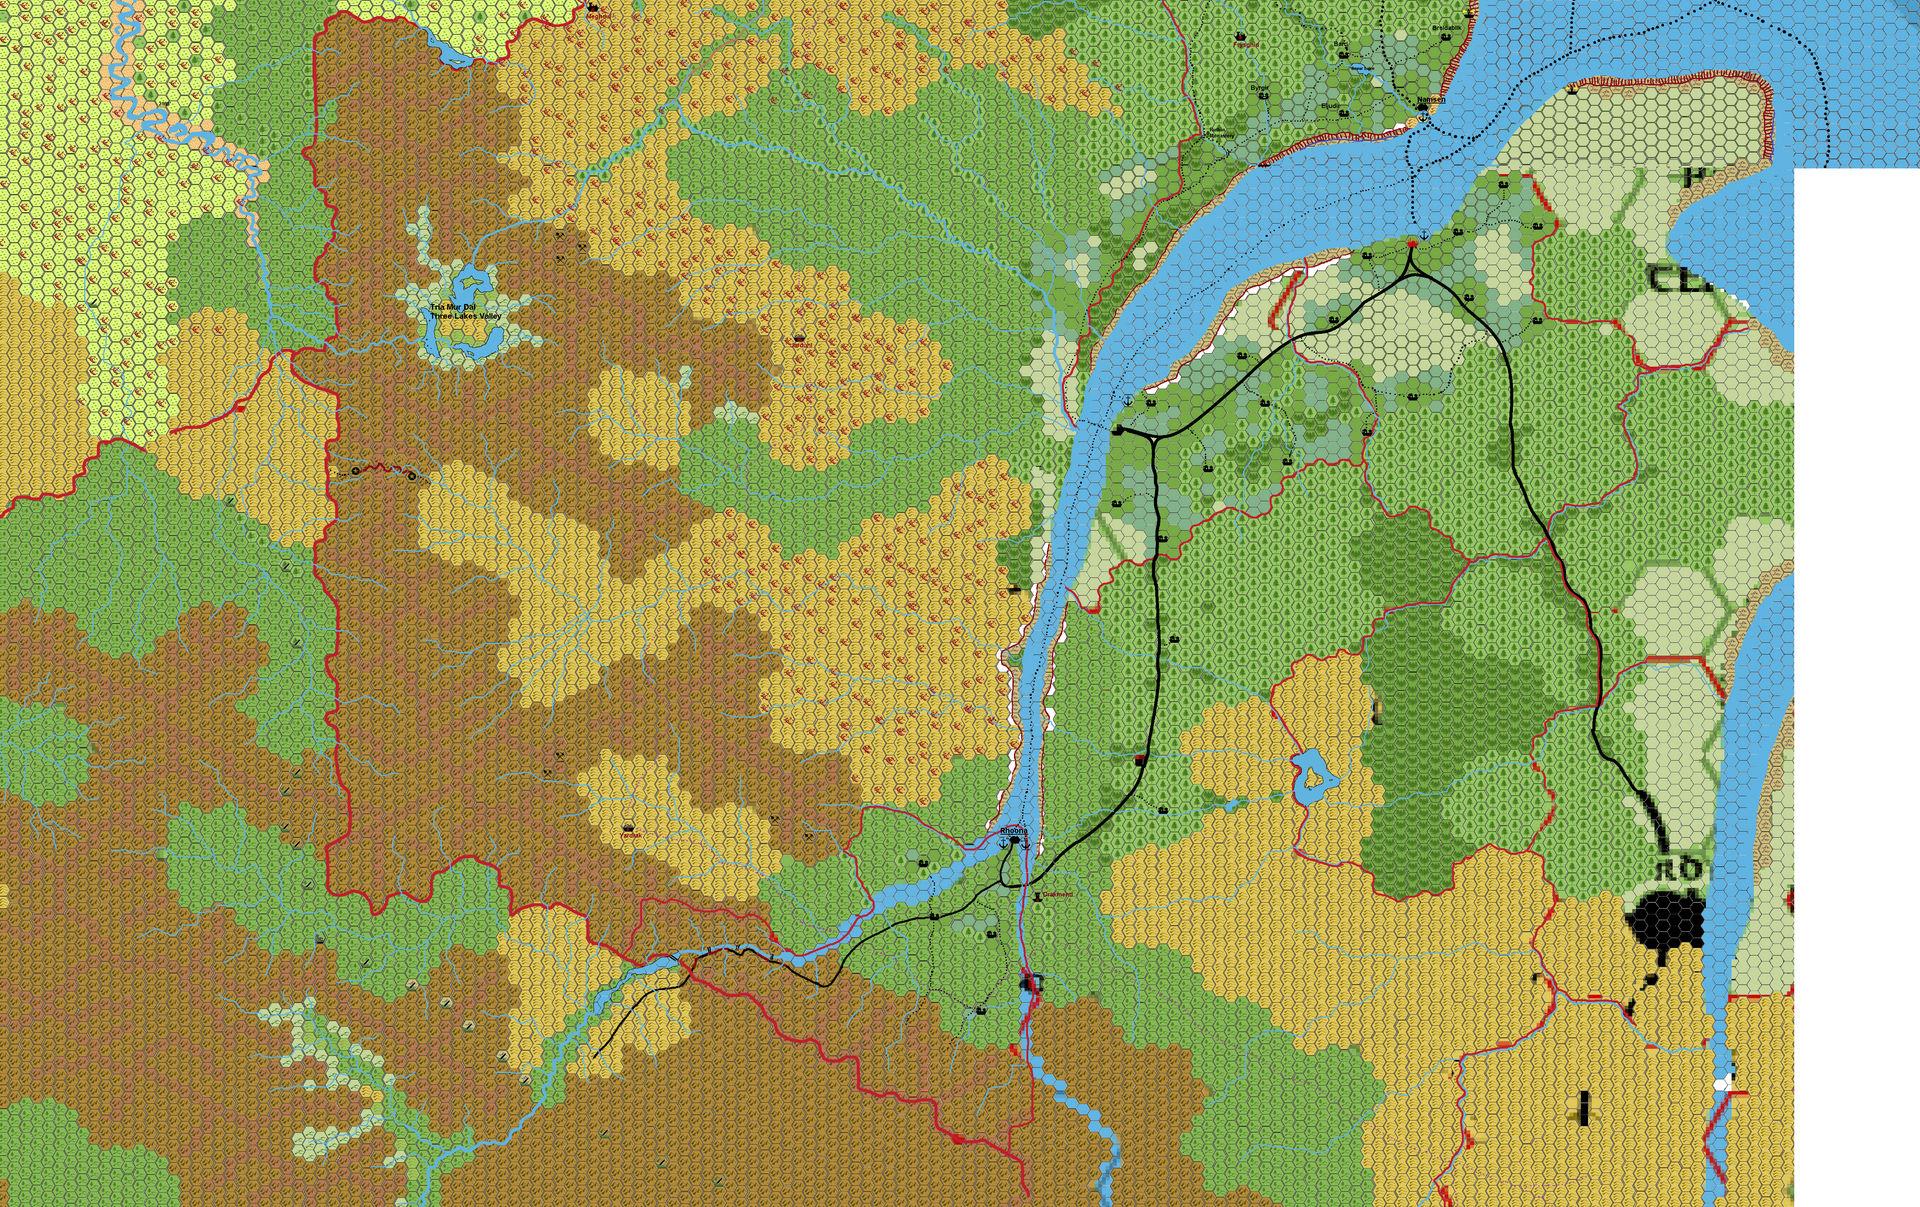 Ethengar hex 1 Southeast by 6inchnails